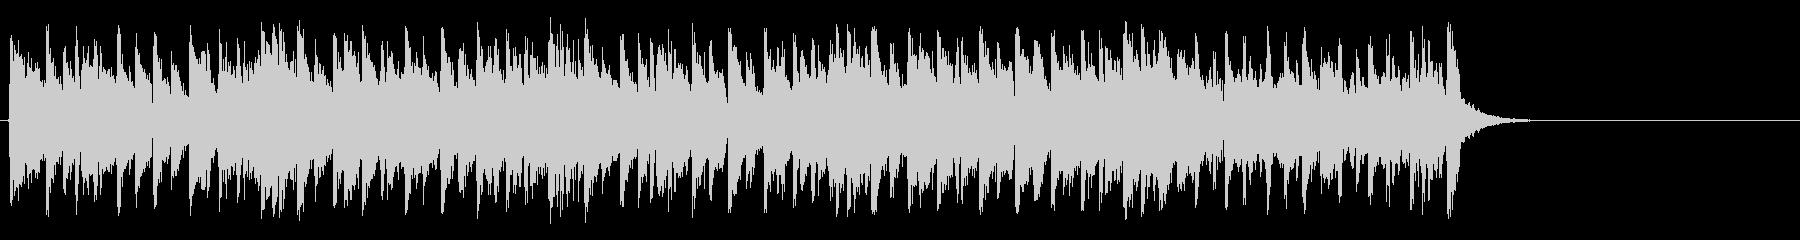 軽やかなフュージョン(サビ~イントロ)の未再生の波形